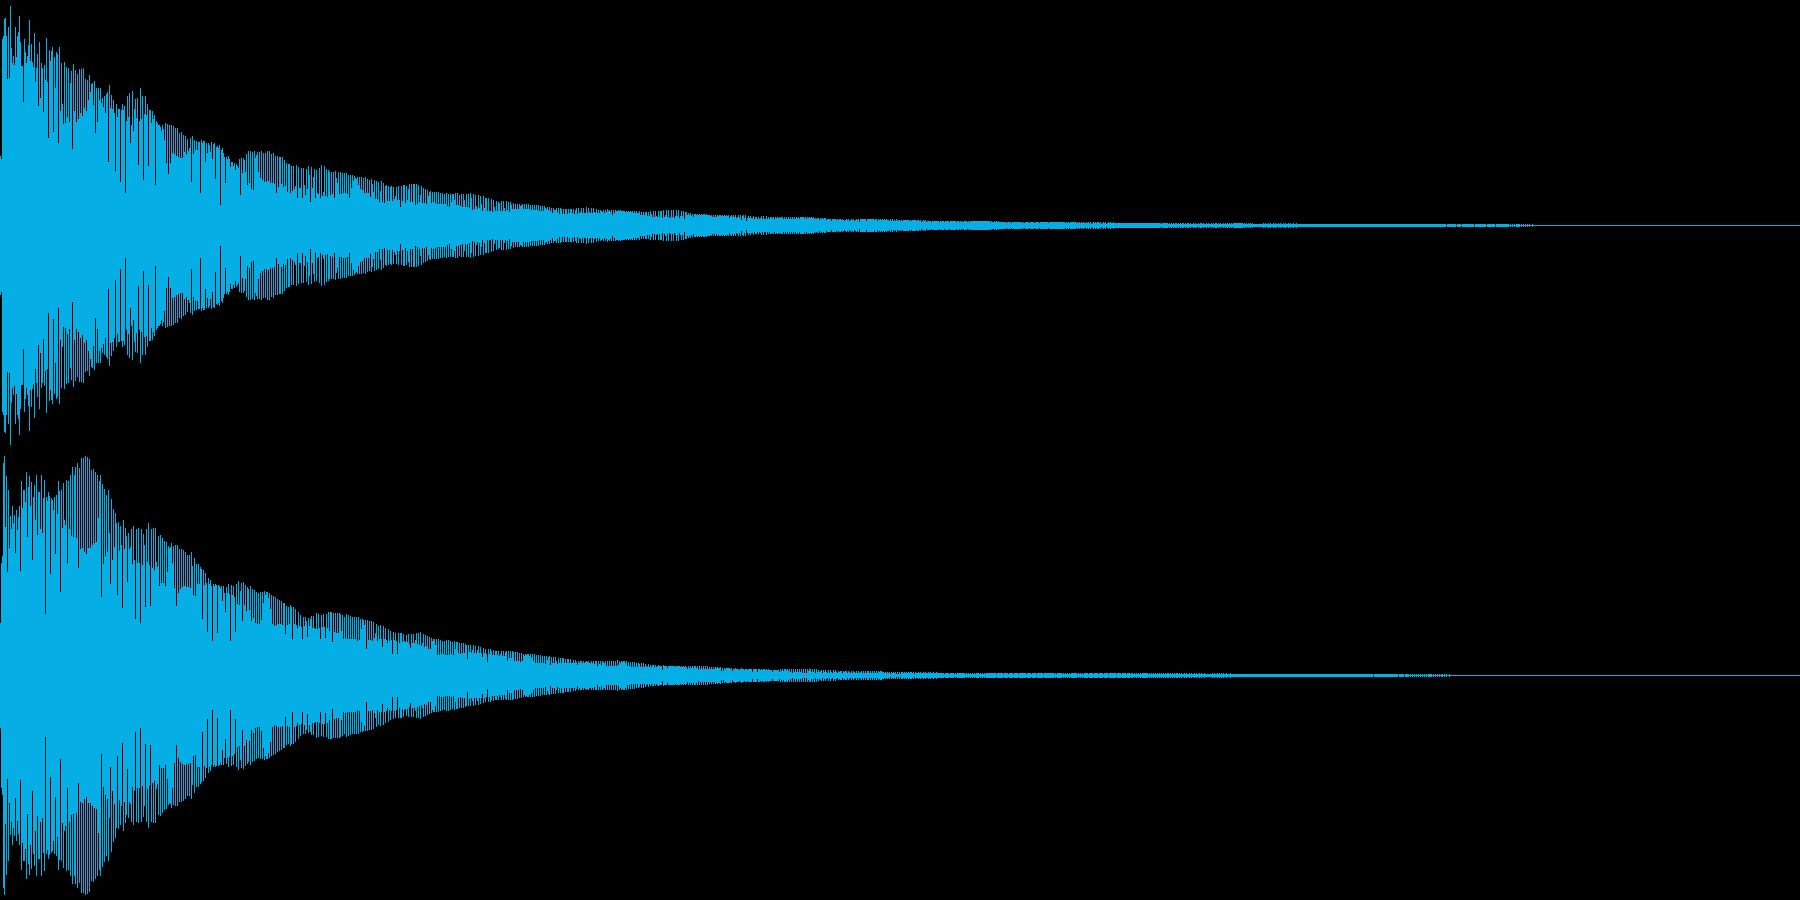 びよよよーん(ピアノ)動画系などの再生済みの波形